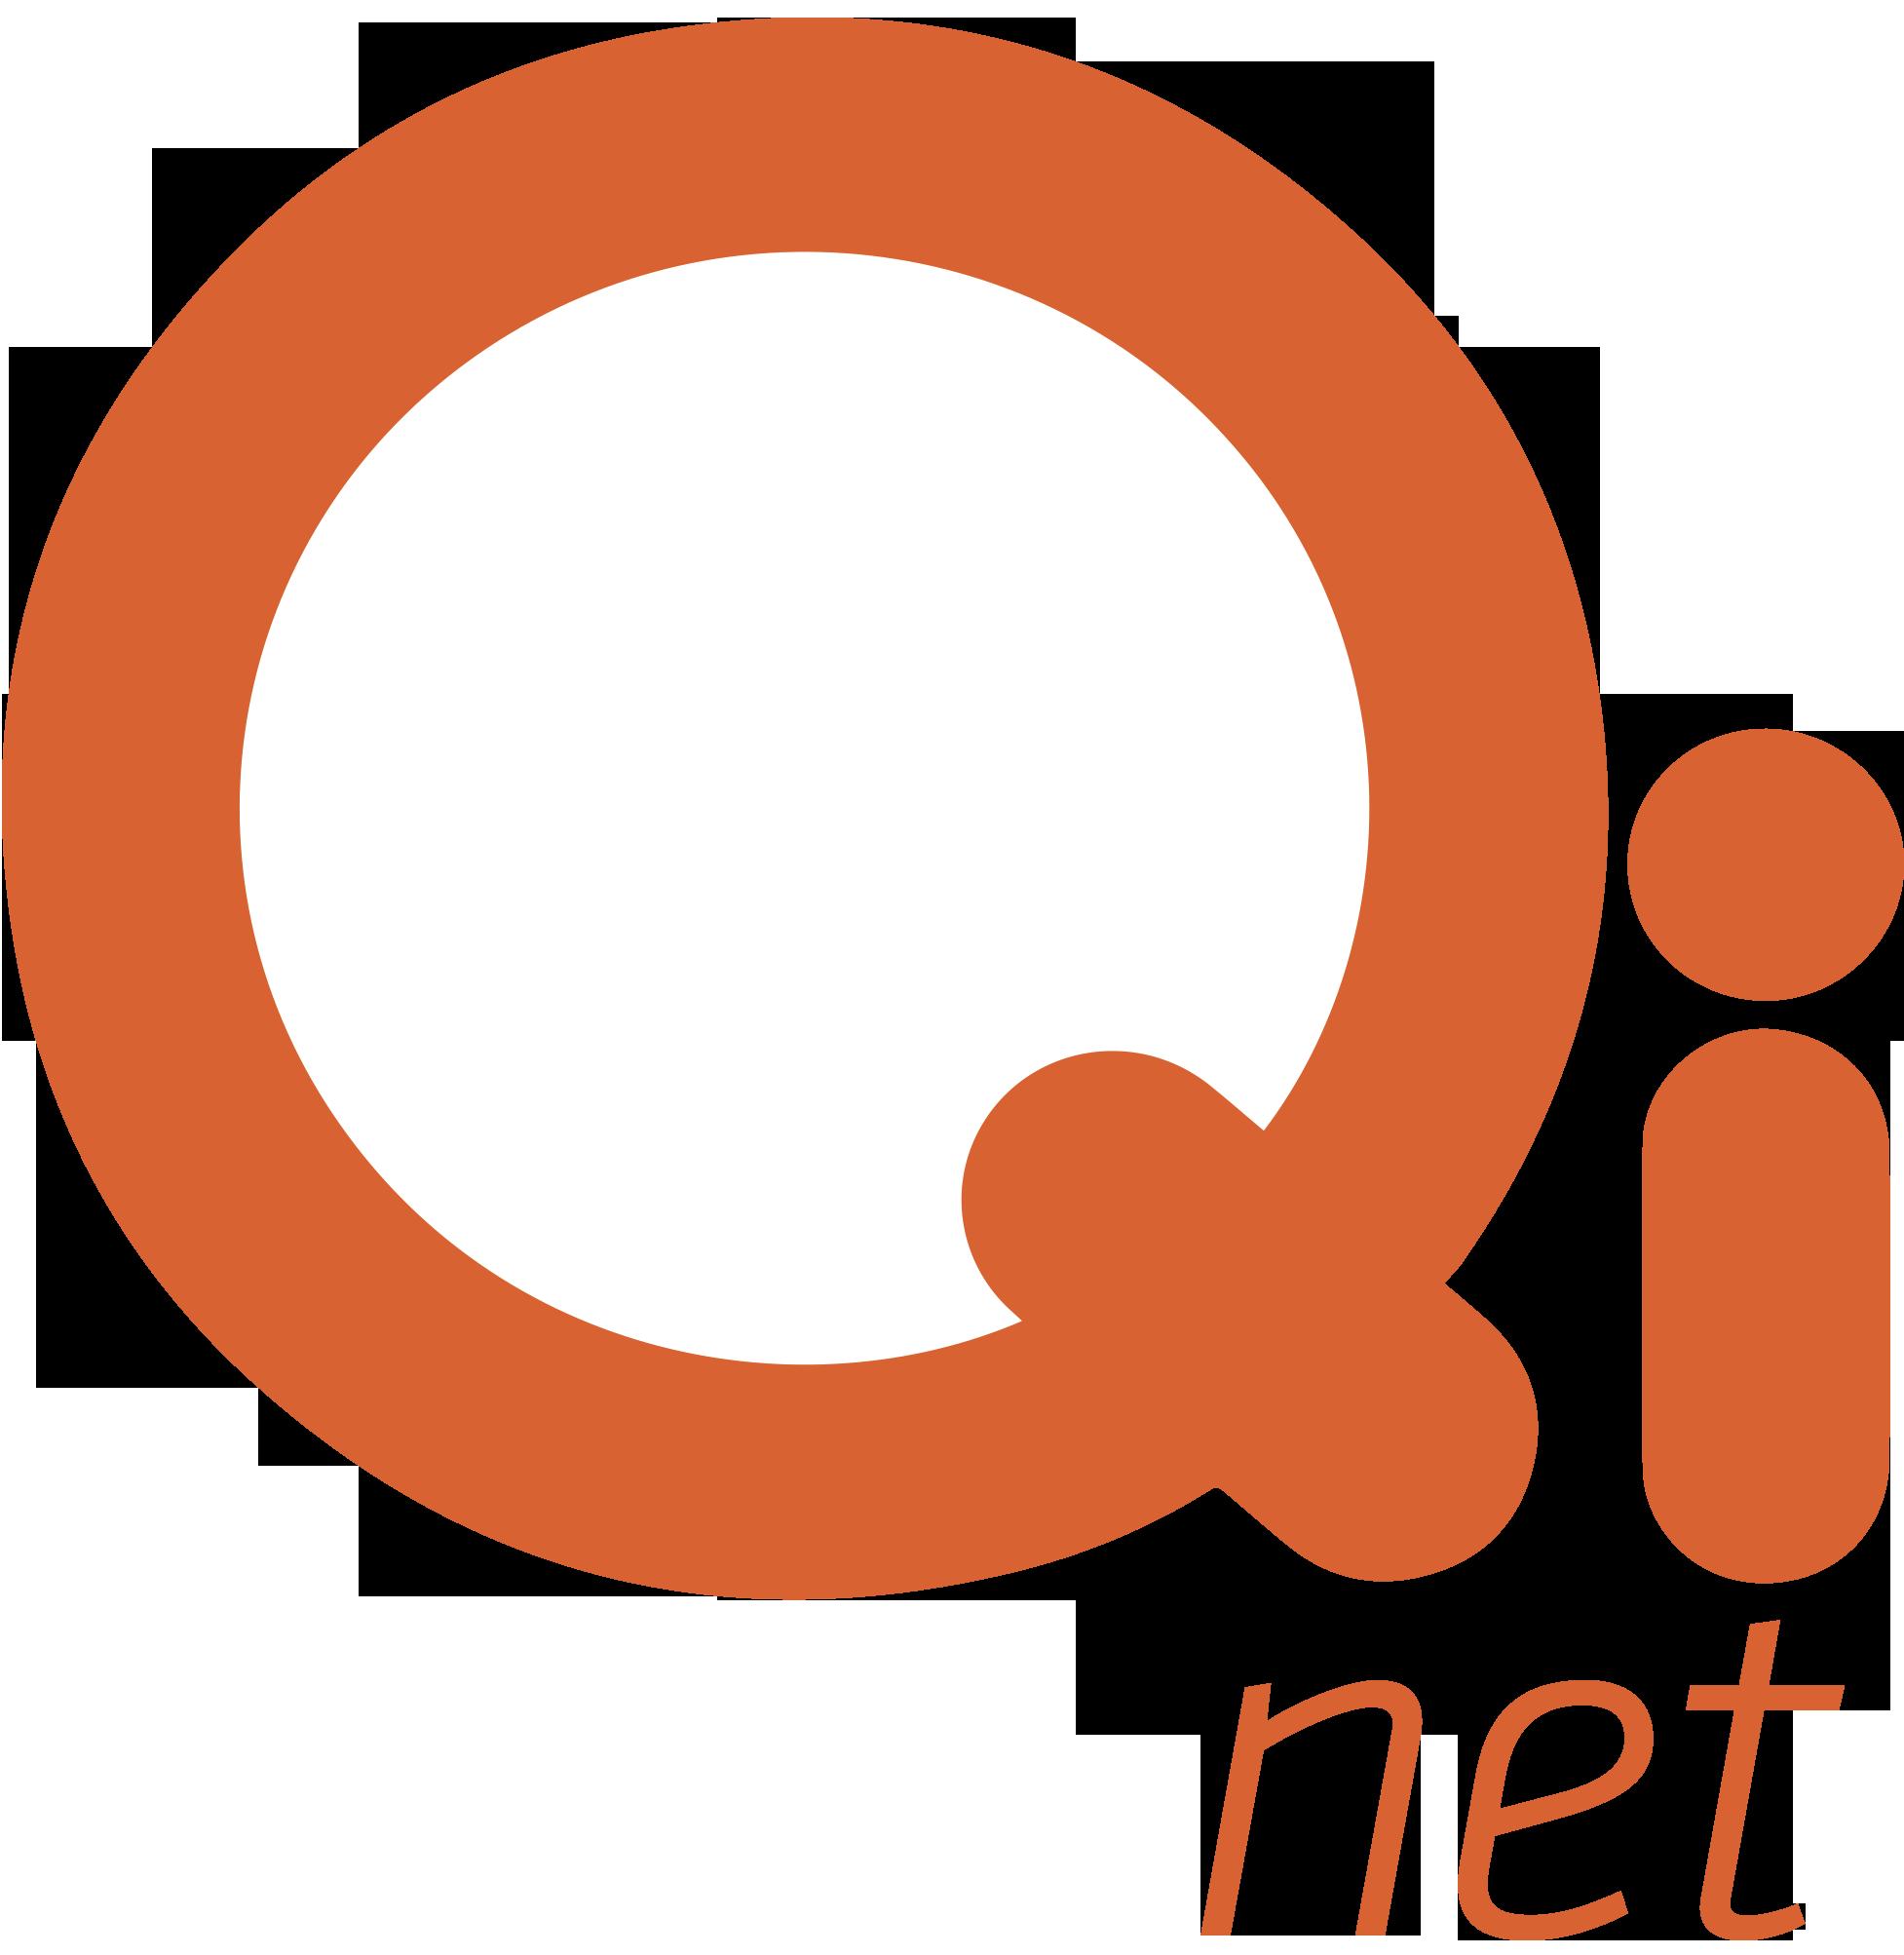 Qinet società di consulenza ict, sicurezza, collaborazione e networking